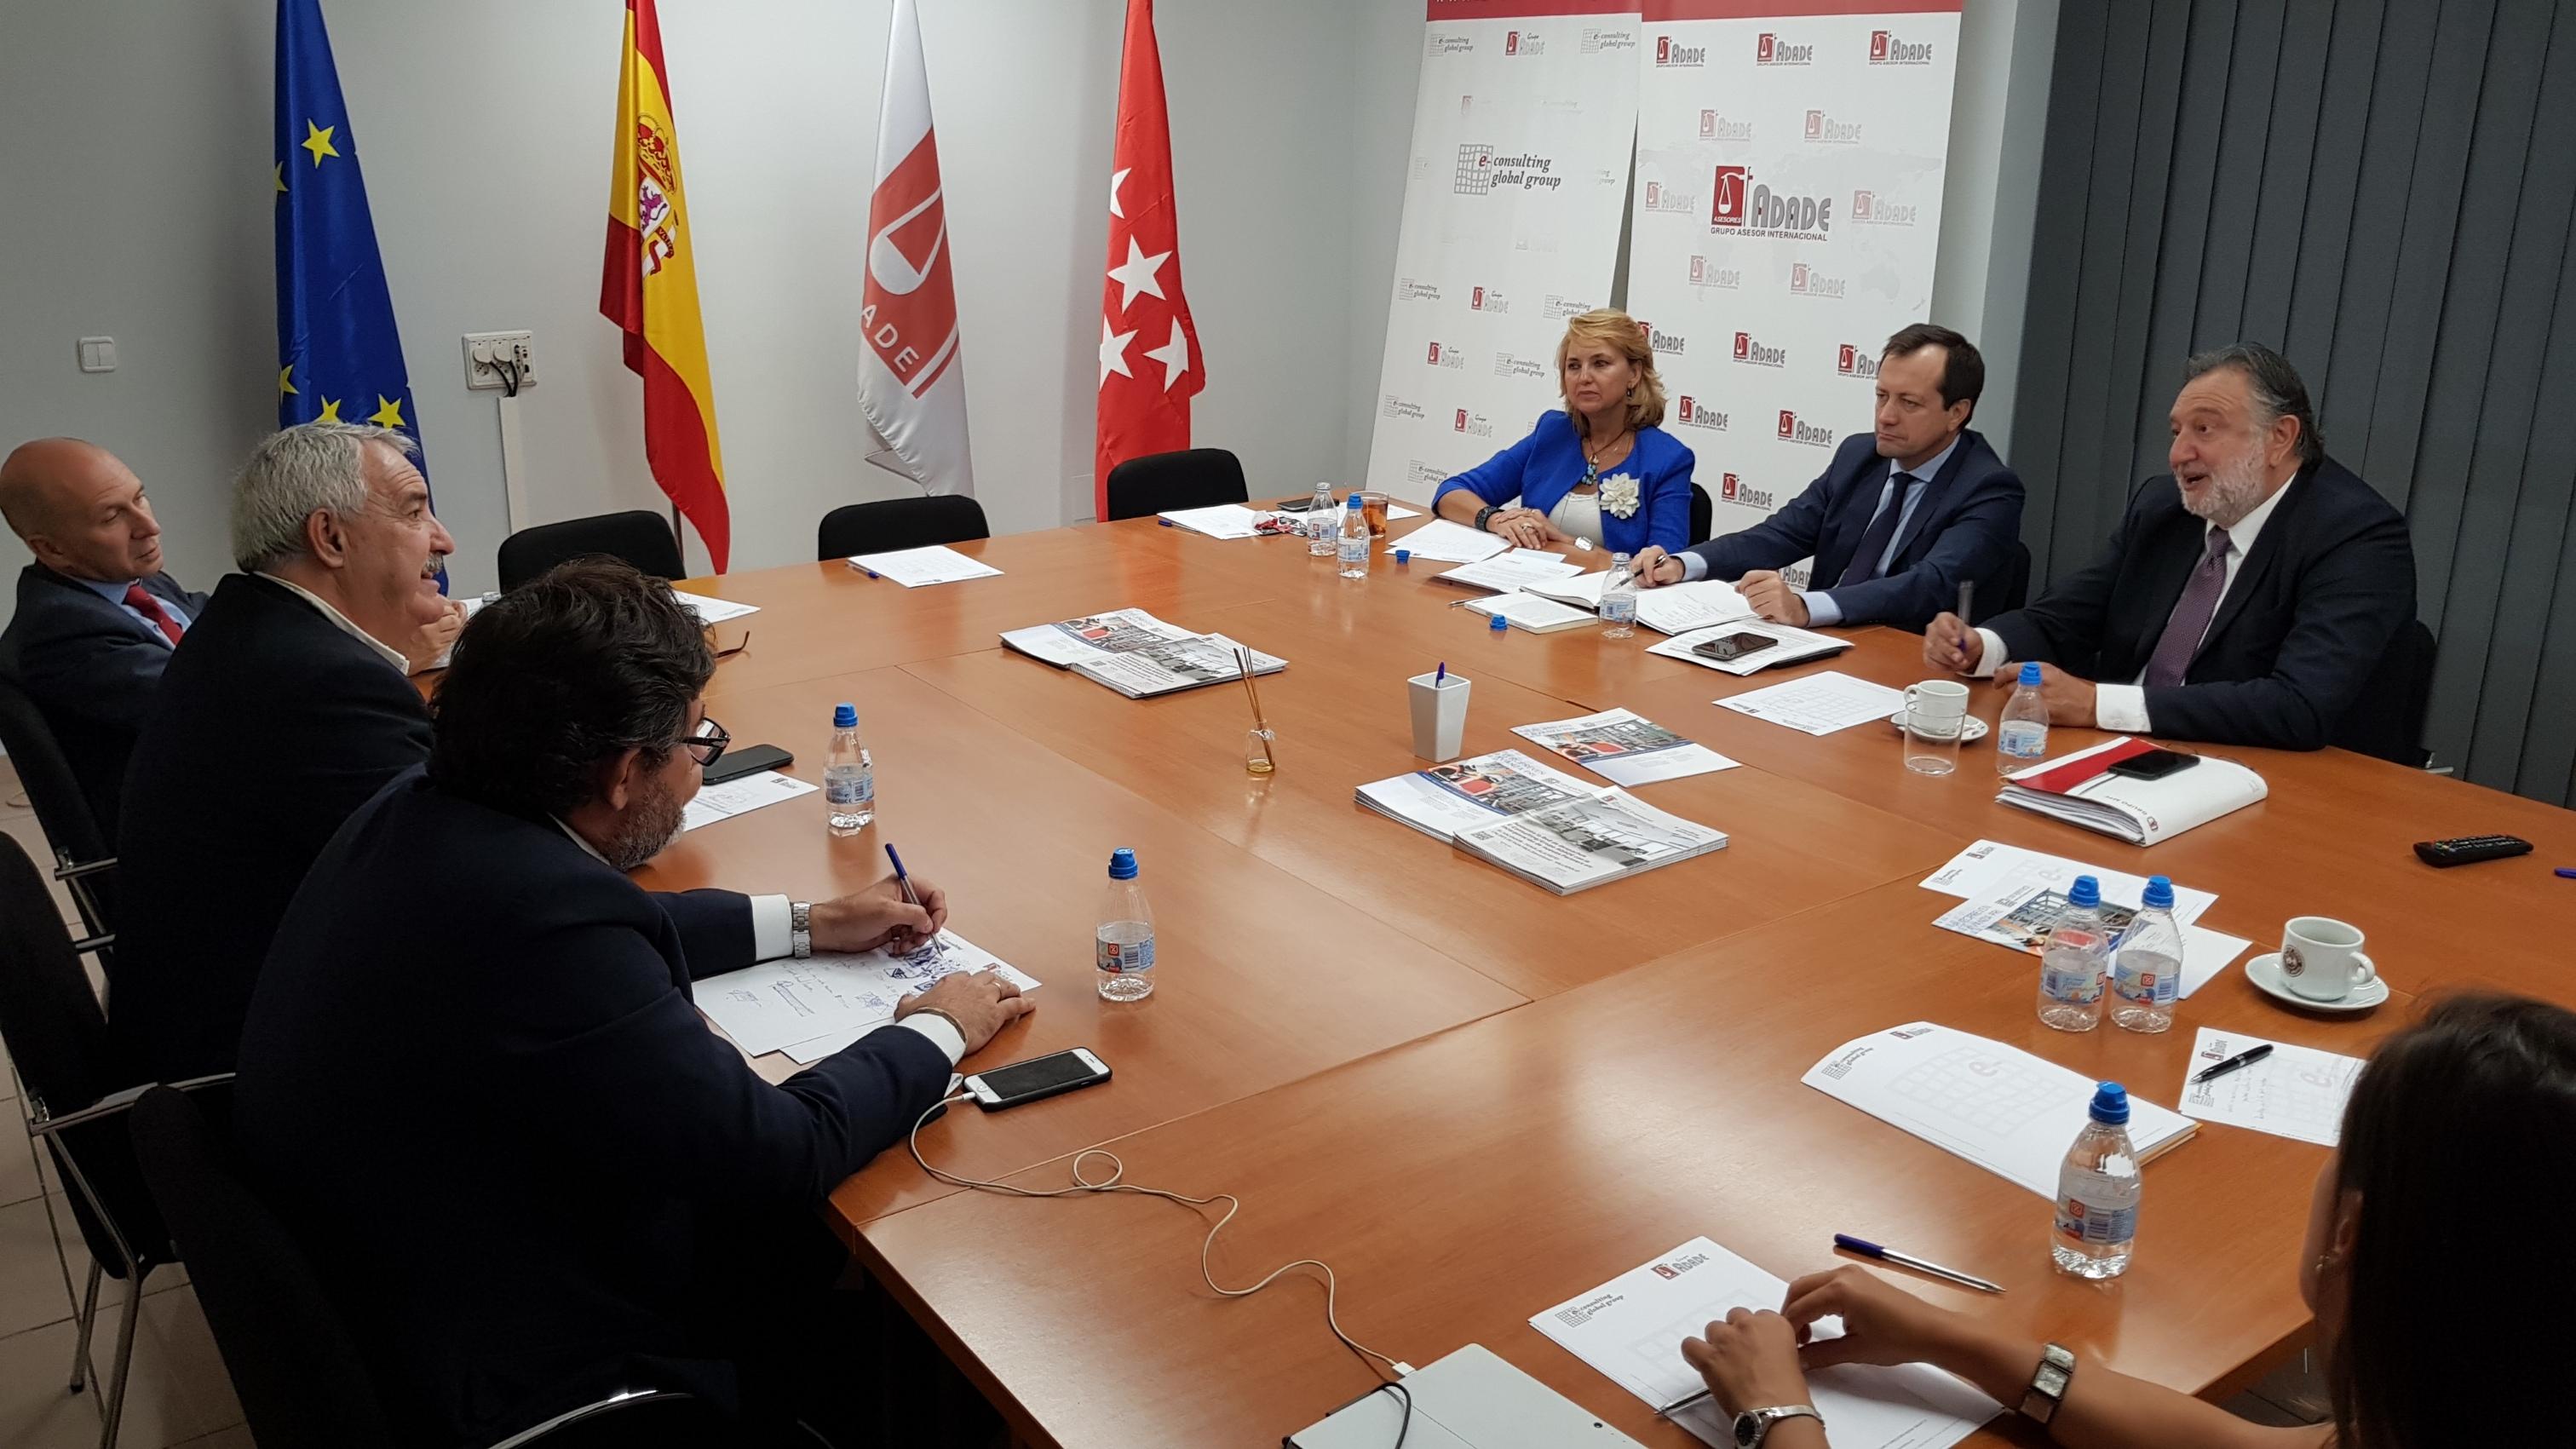 ADADE/E-Consulting participa en la Reunión Mensual de la Junta Directiva de FENAC